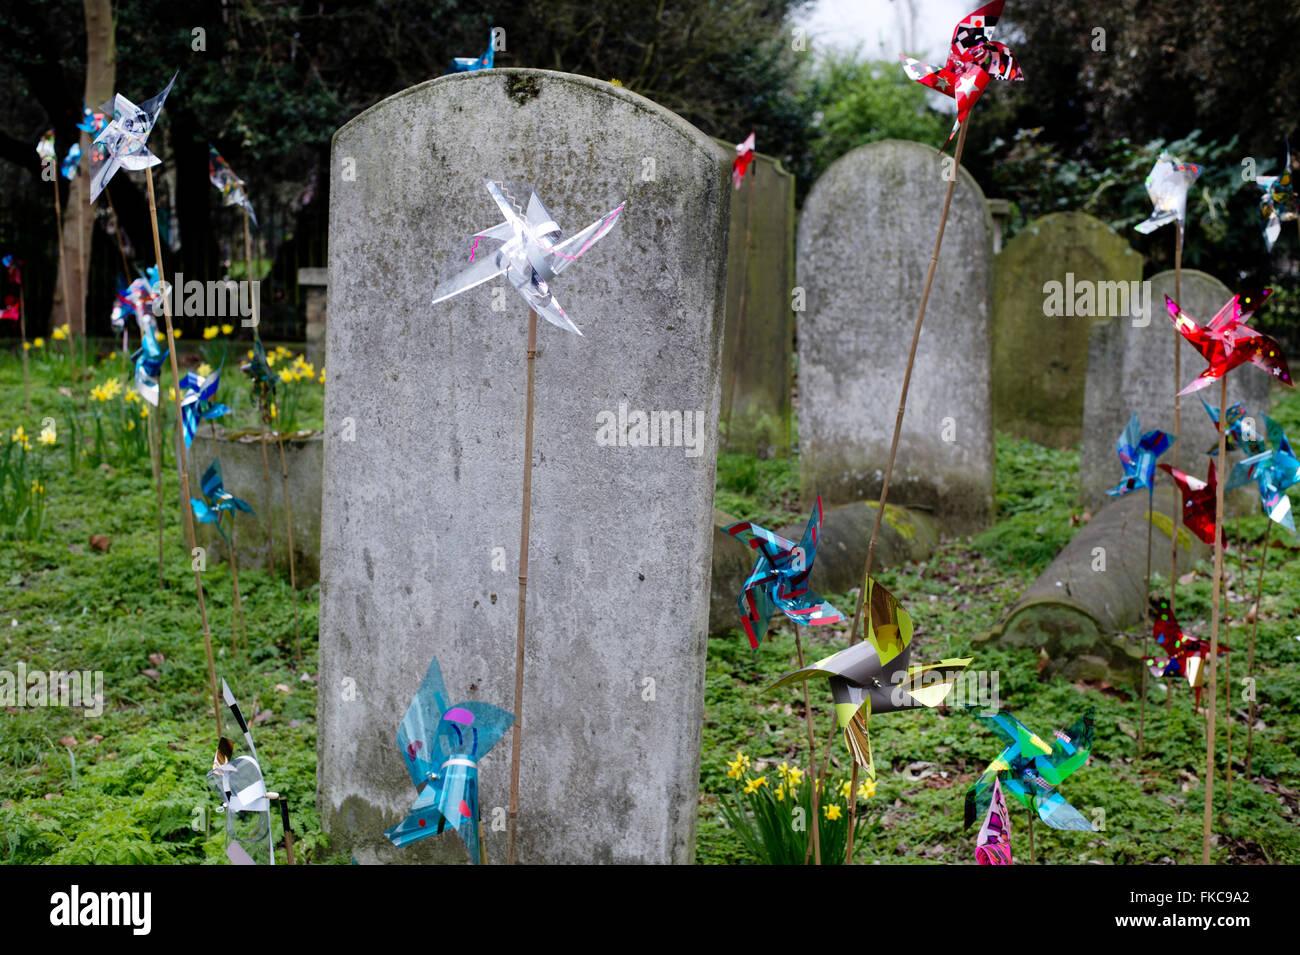 Vecchia Chiesa, Stoke Newington, Hackney. Mulini a vento nel cimitero parte di un evento chiamato inclinazione, Immagini Stock